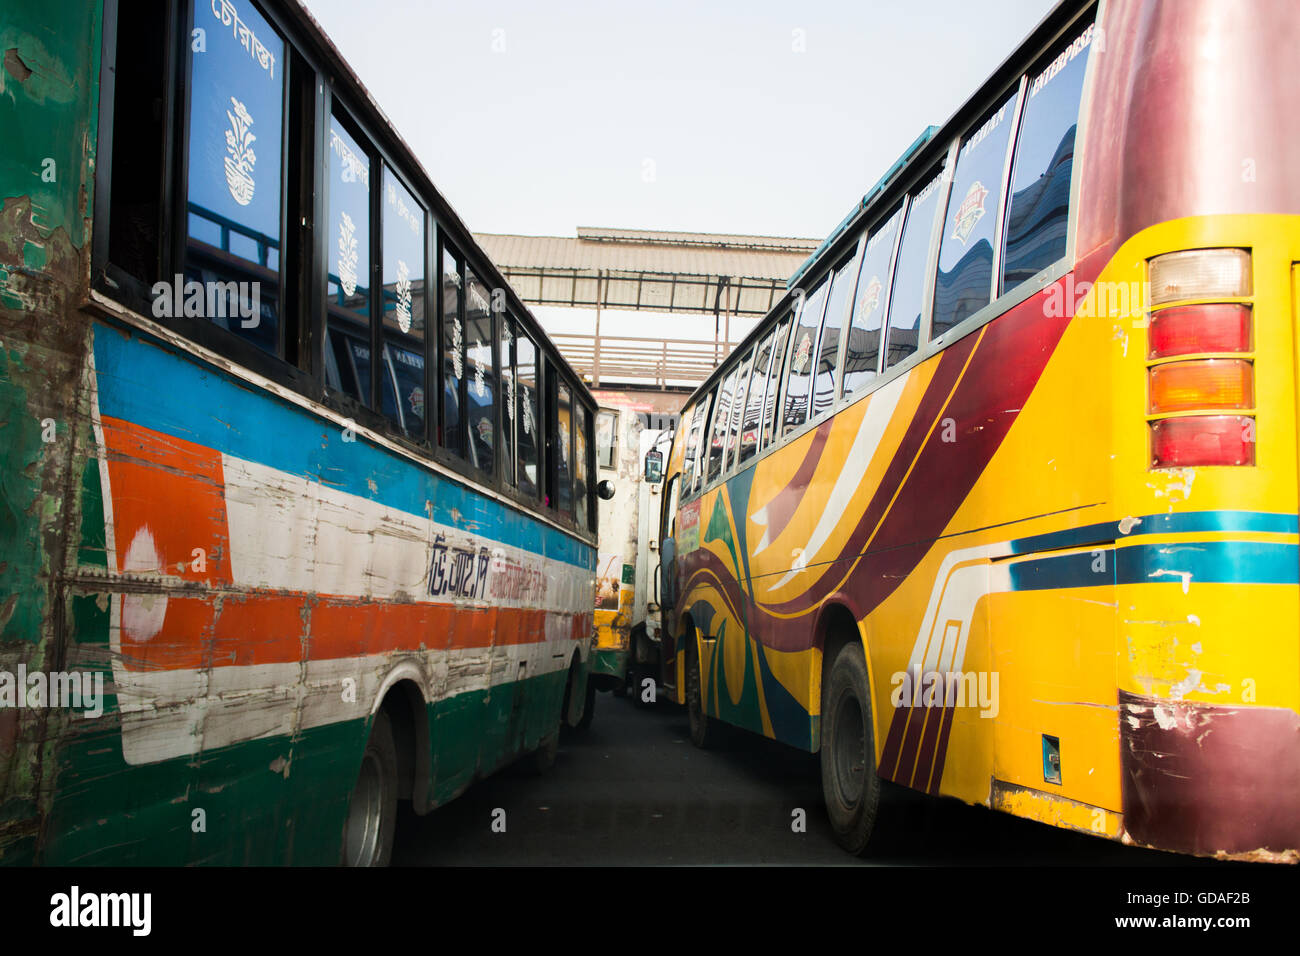 Dhaka traffic - Stock Image